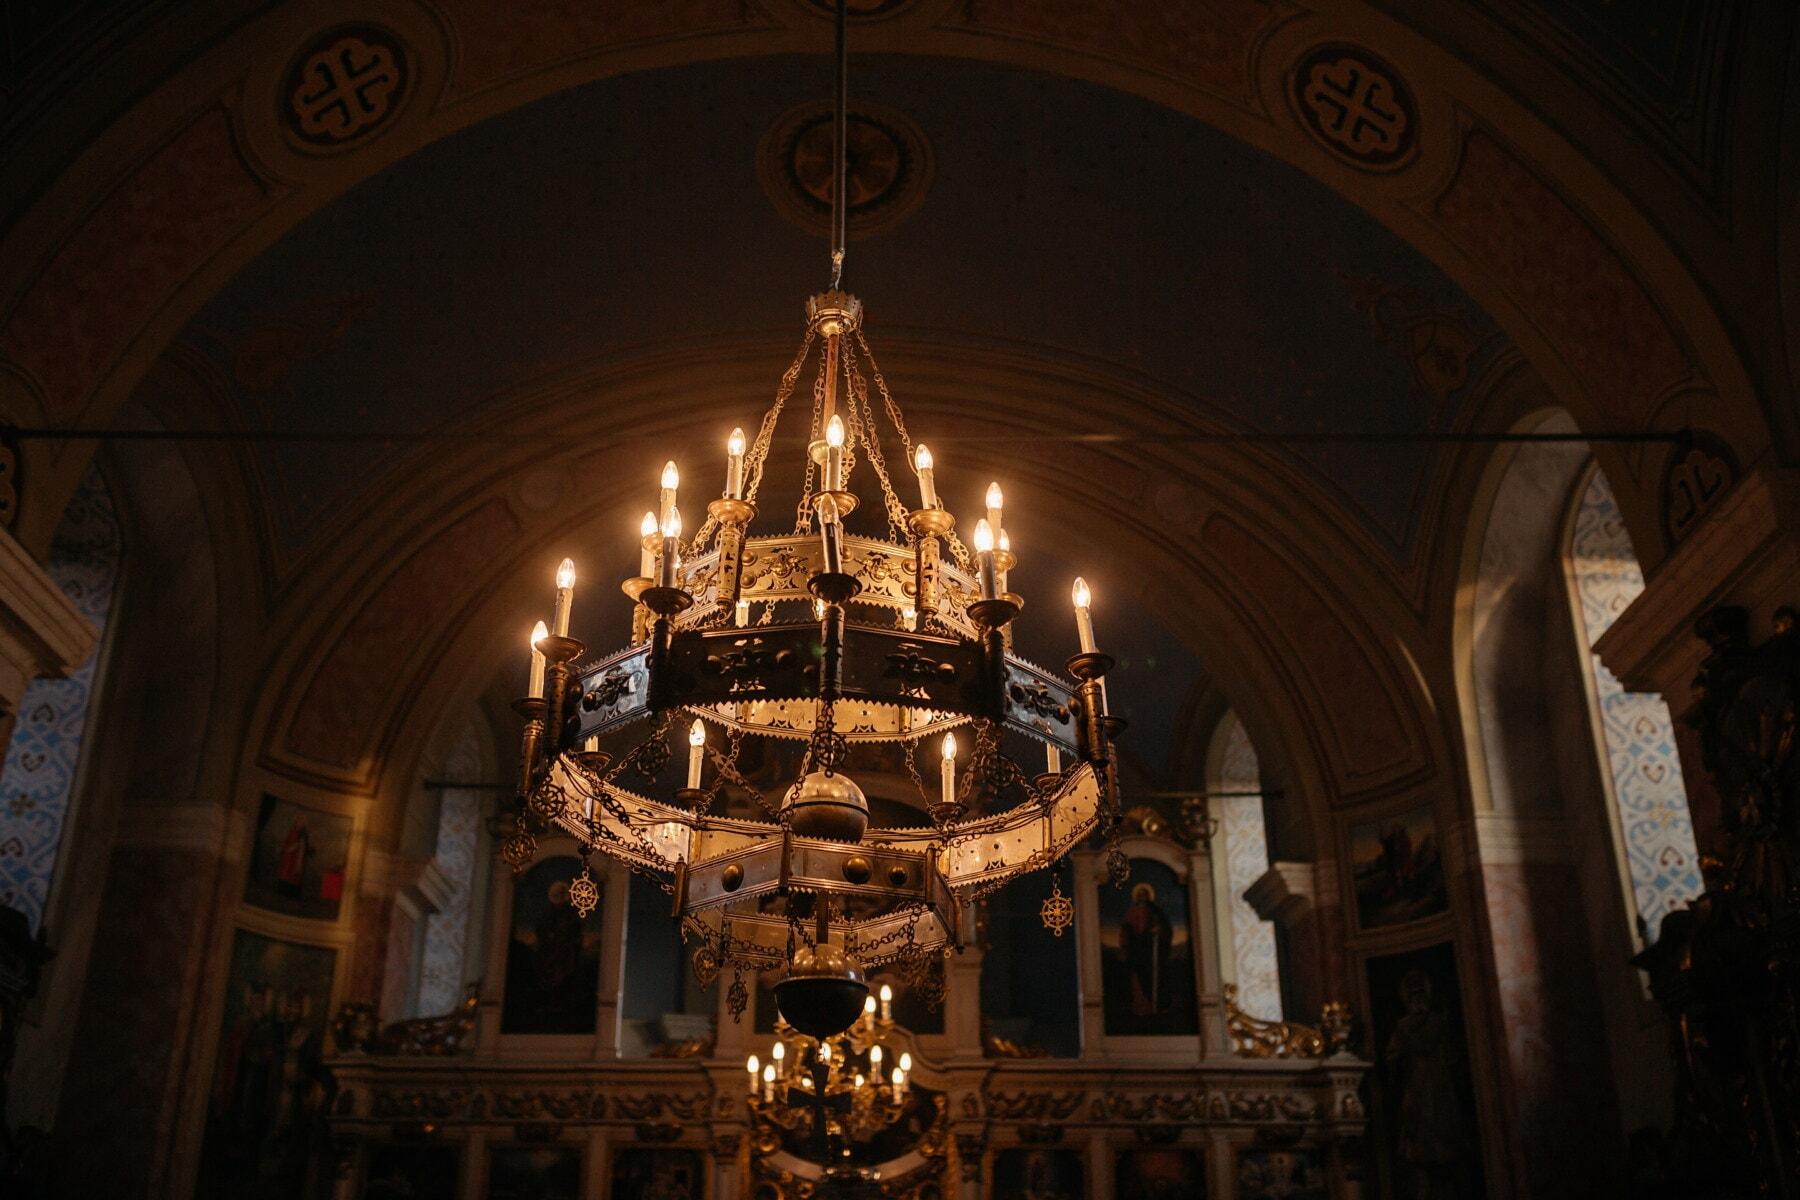 araña de luces, iglesia, espiritualidad, oscuridad, iluminación, Espíritu, altar, cristianismo, San